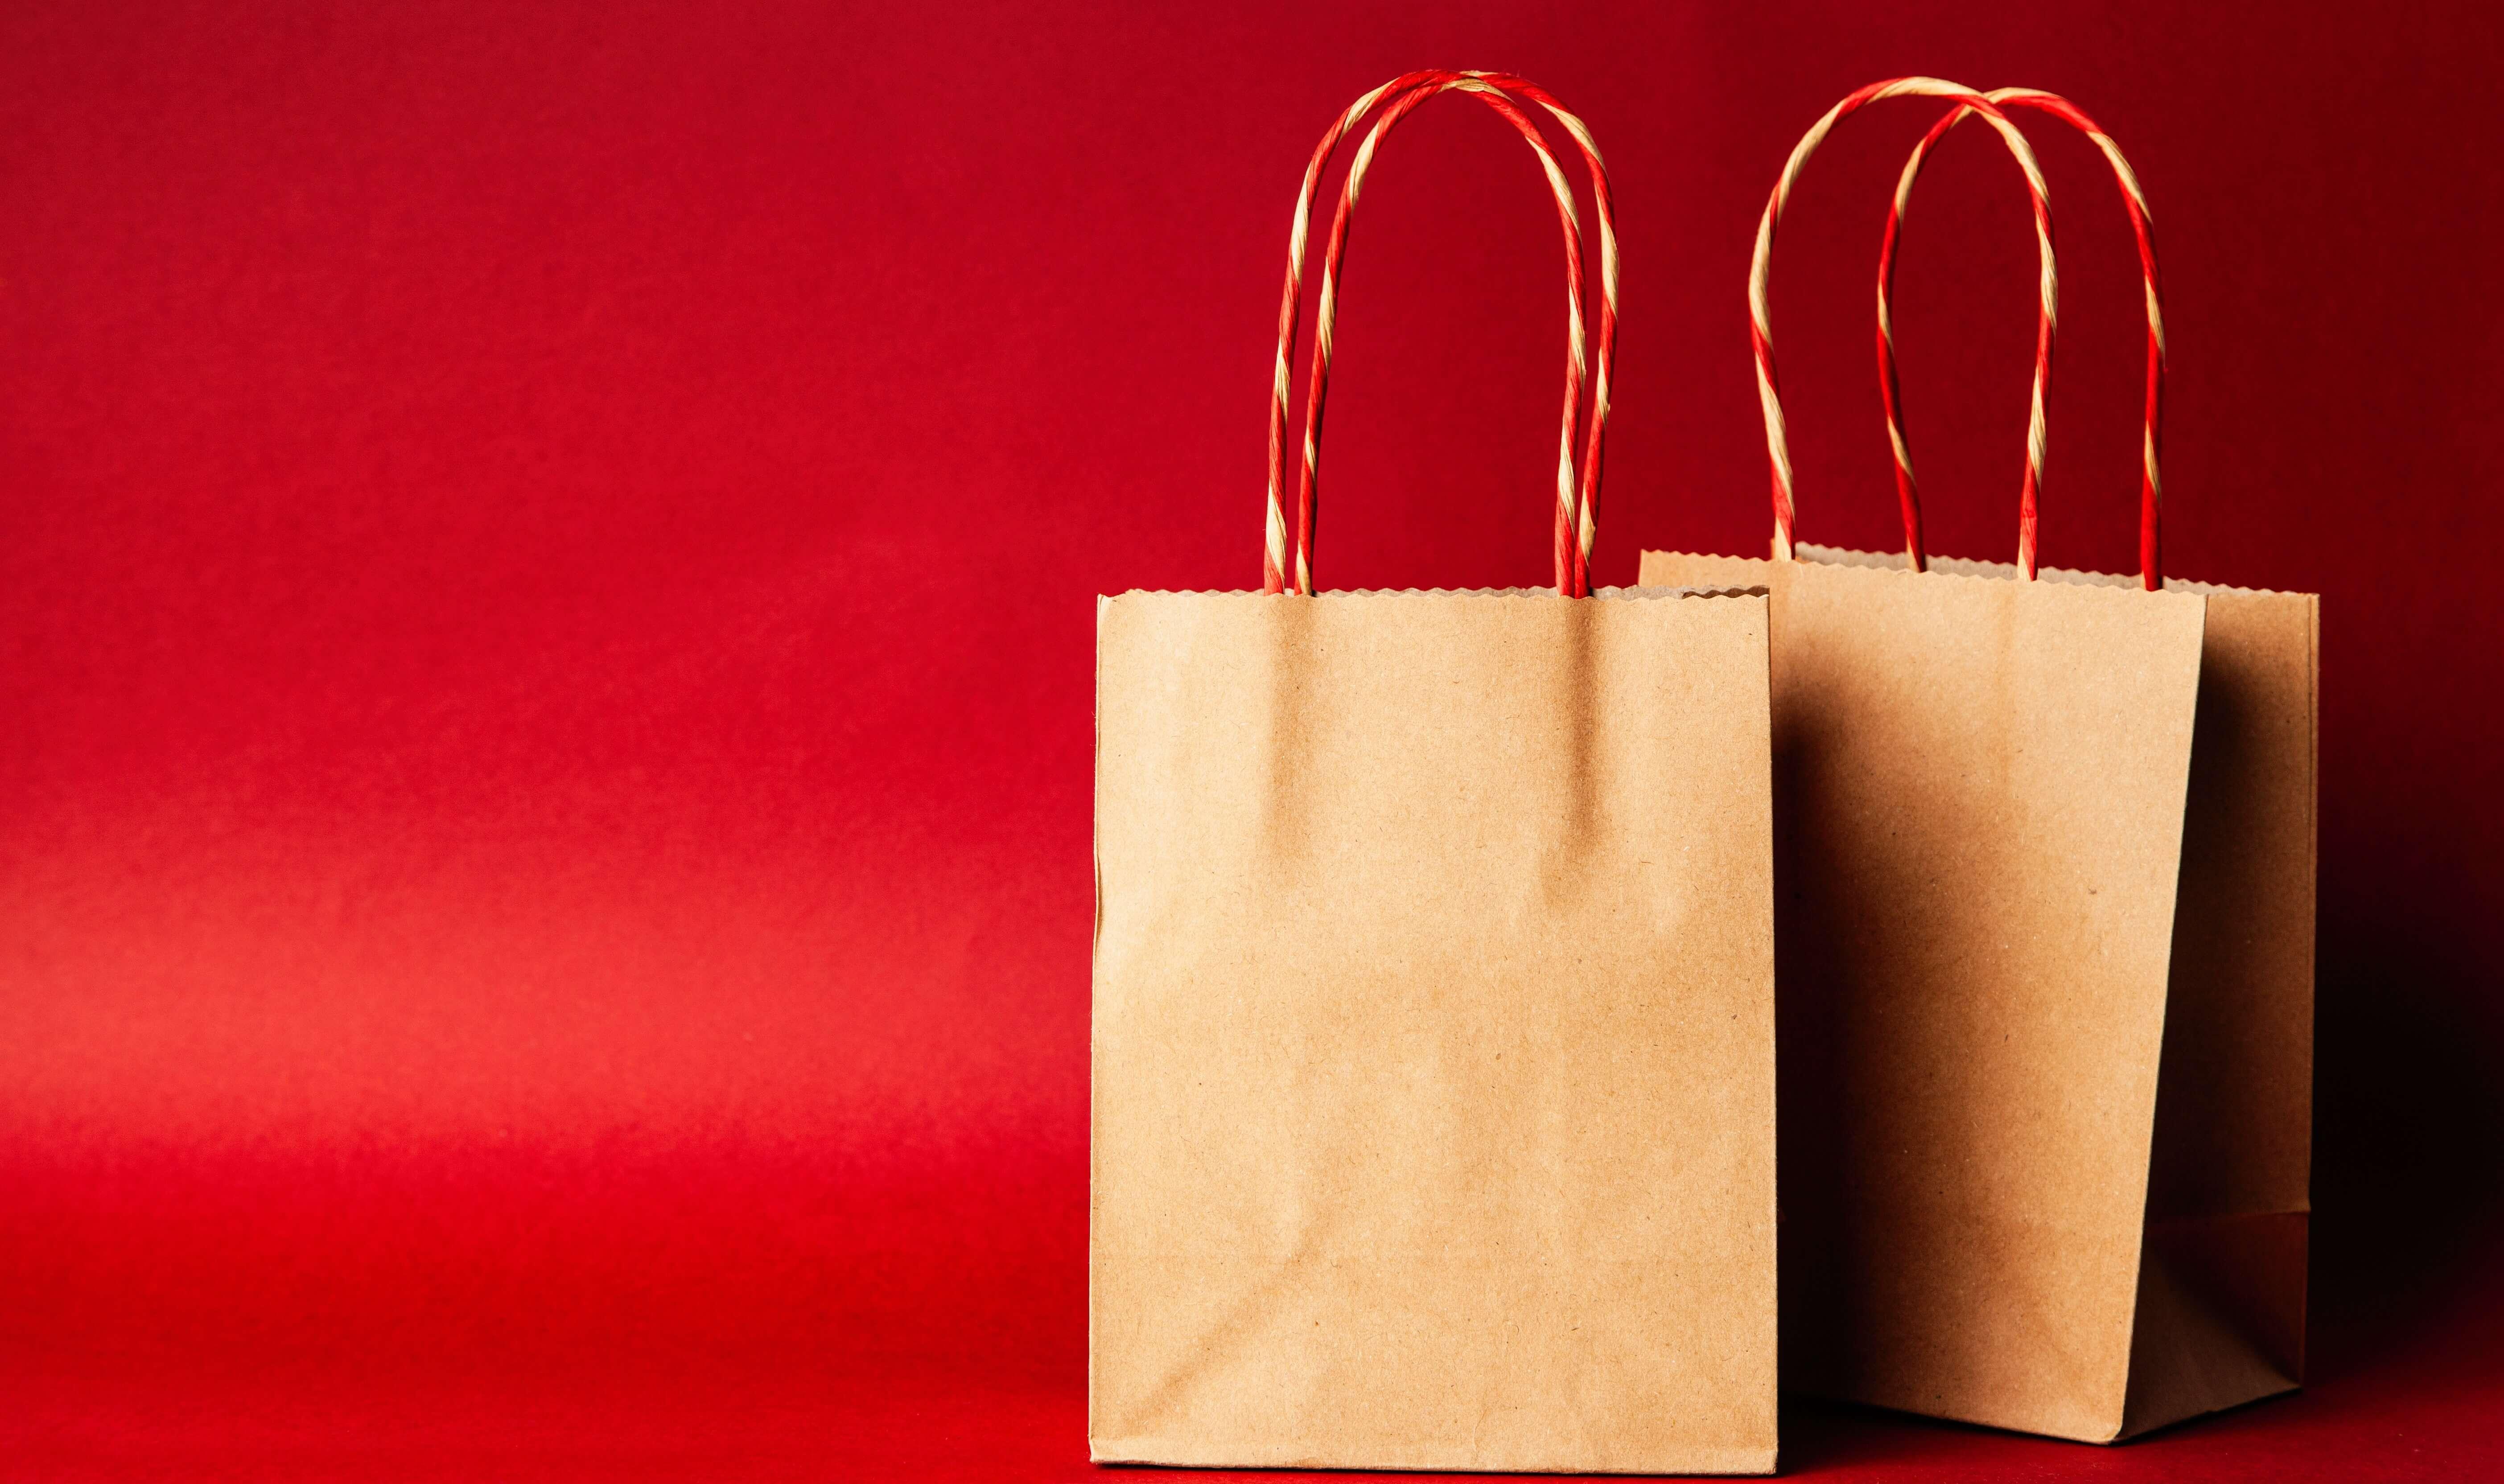 Lohnt es sich noch in Plastiktüten mit einem Logoaufdruck zu investieren?